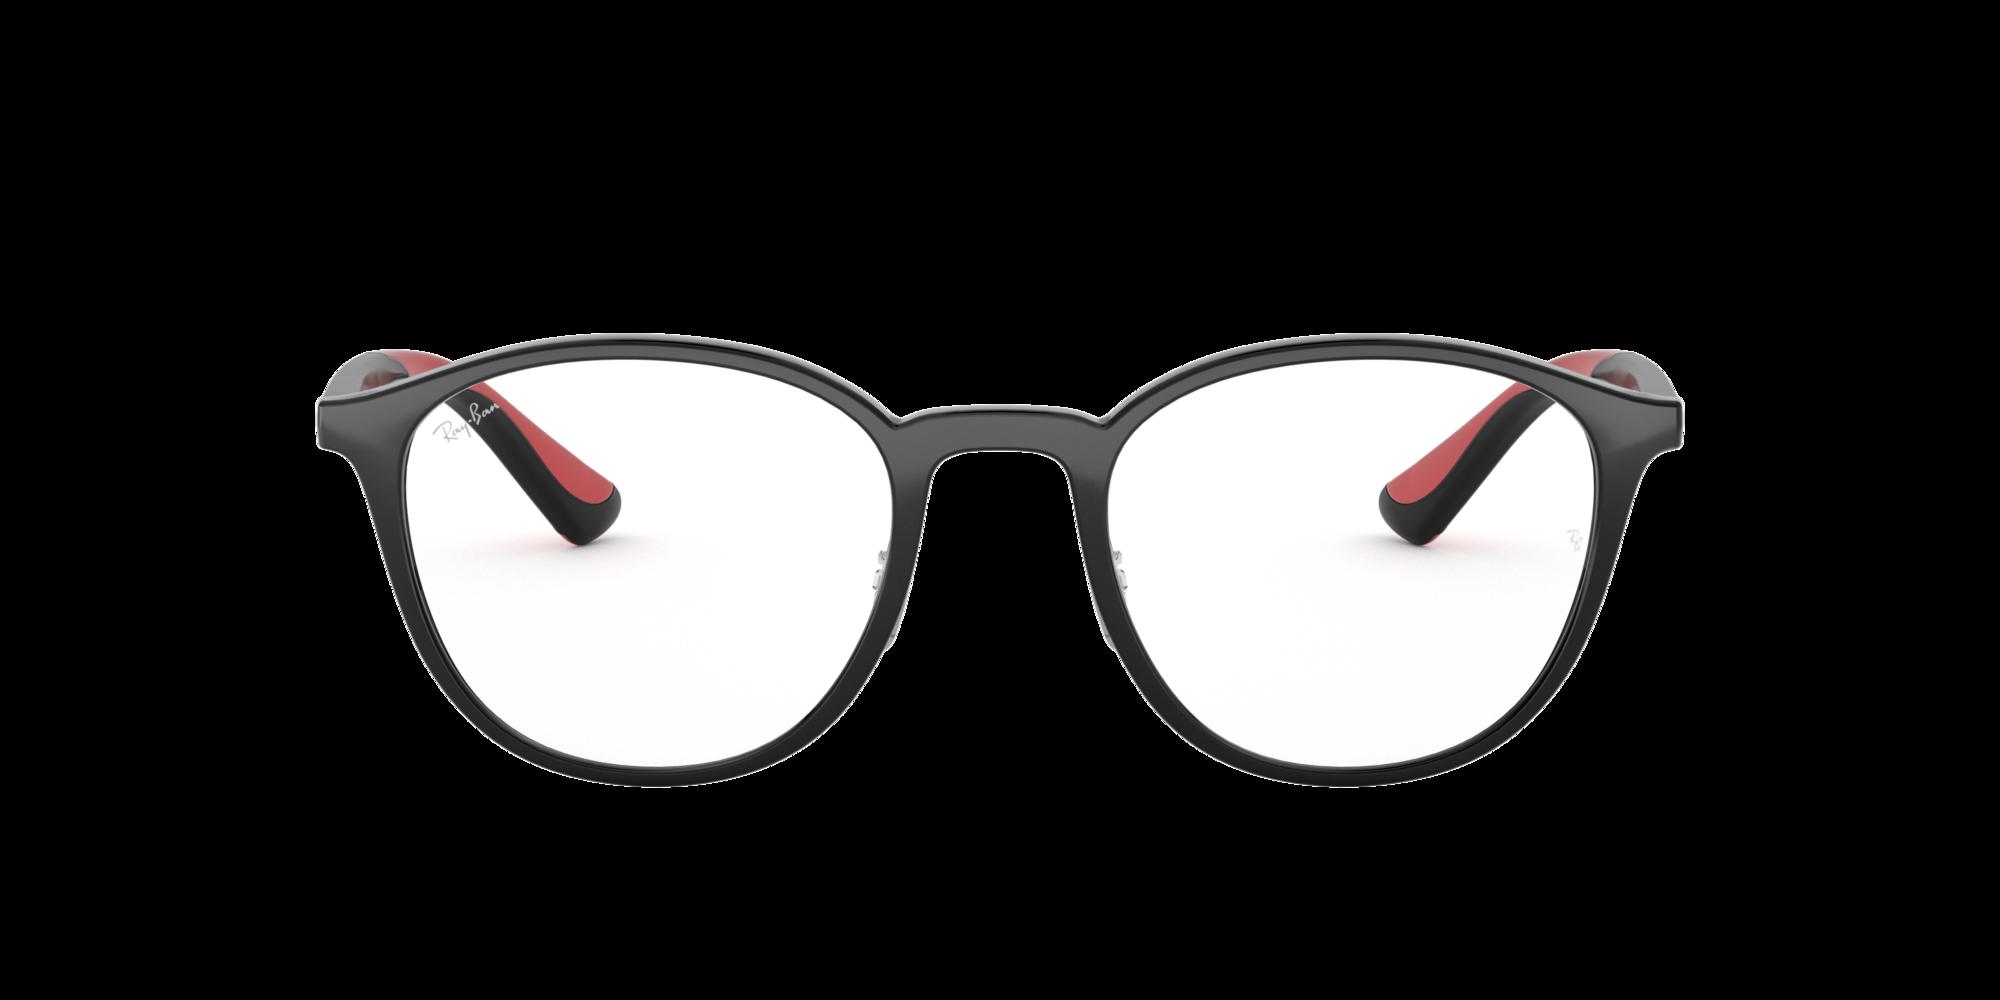 Imagen para RX7156 de LensCrafters    Espejuelos, espejuelos graduados en línea, gafas